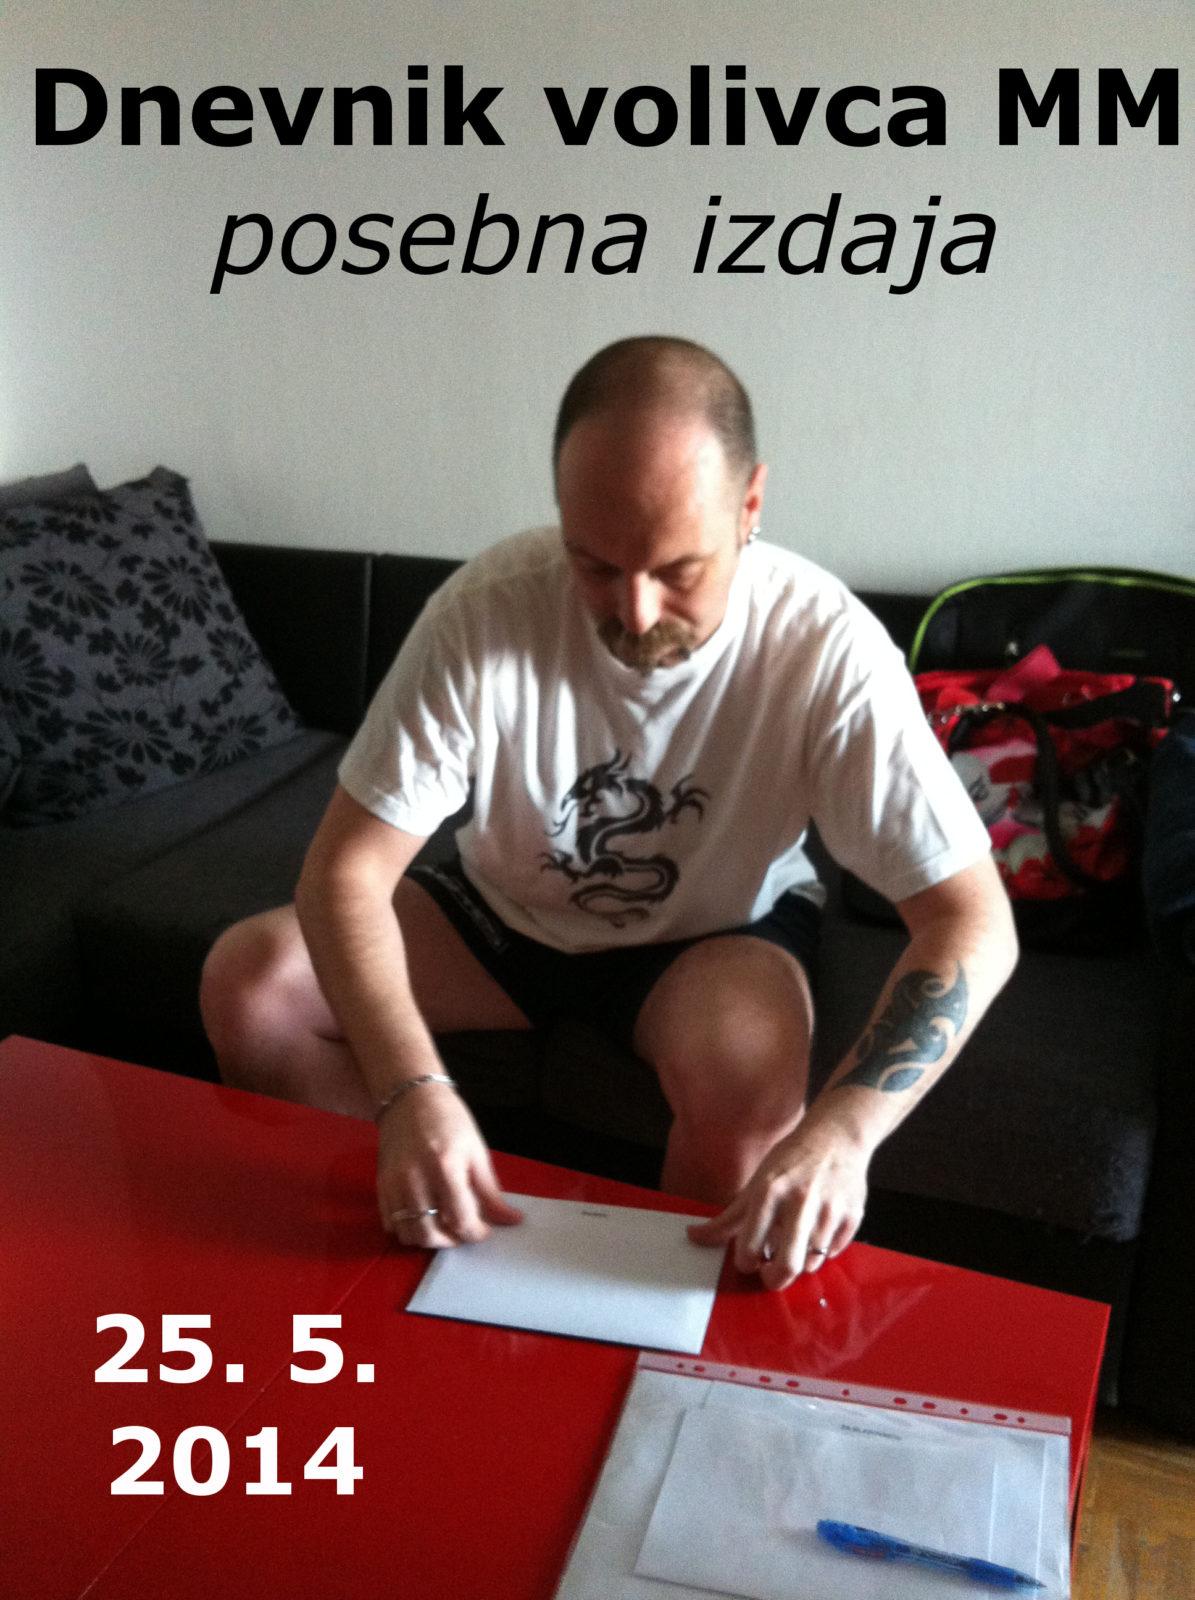 dnevnik volivca posebna izdaja 01